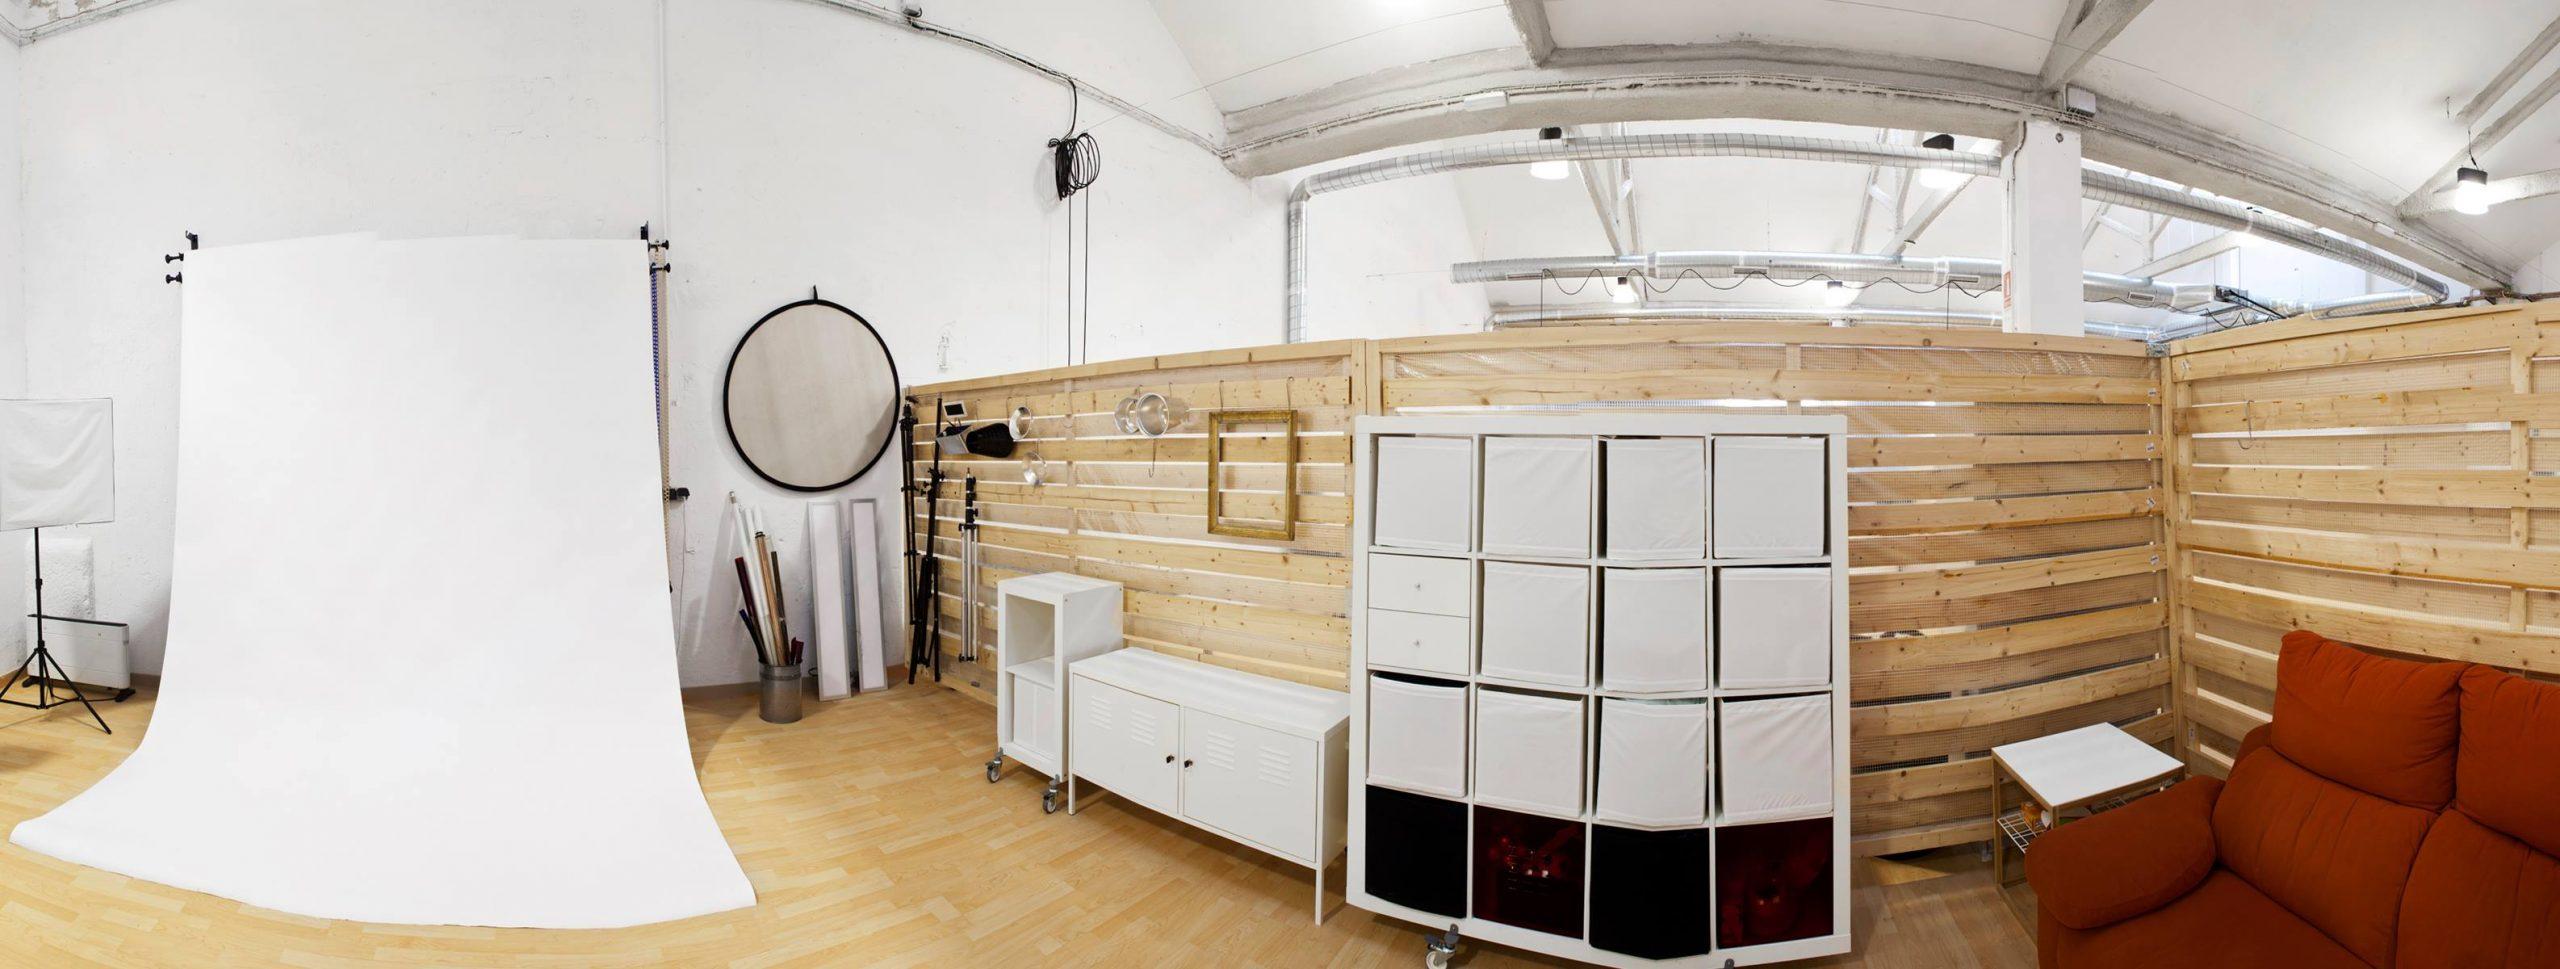 Photo Studio Nicola Mesken Coworking